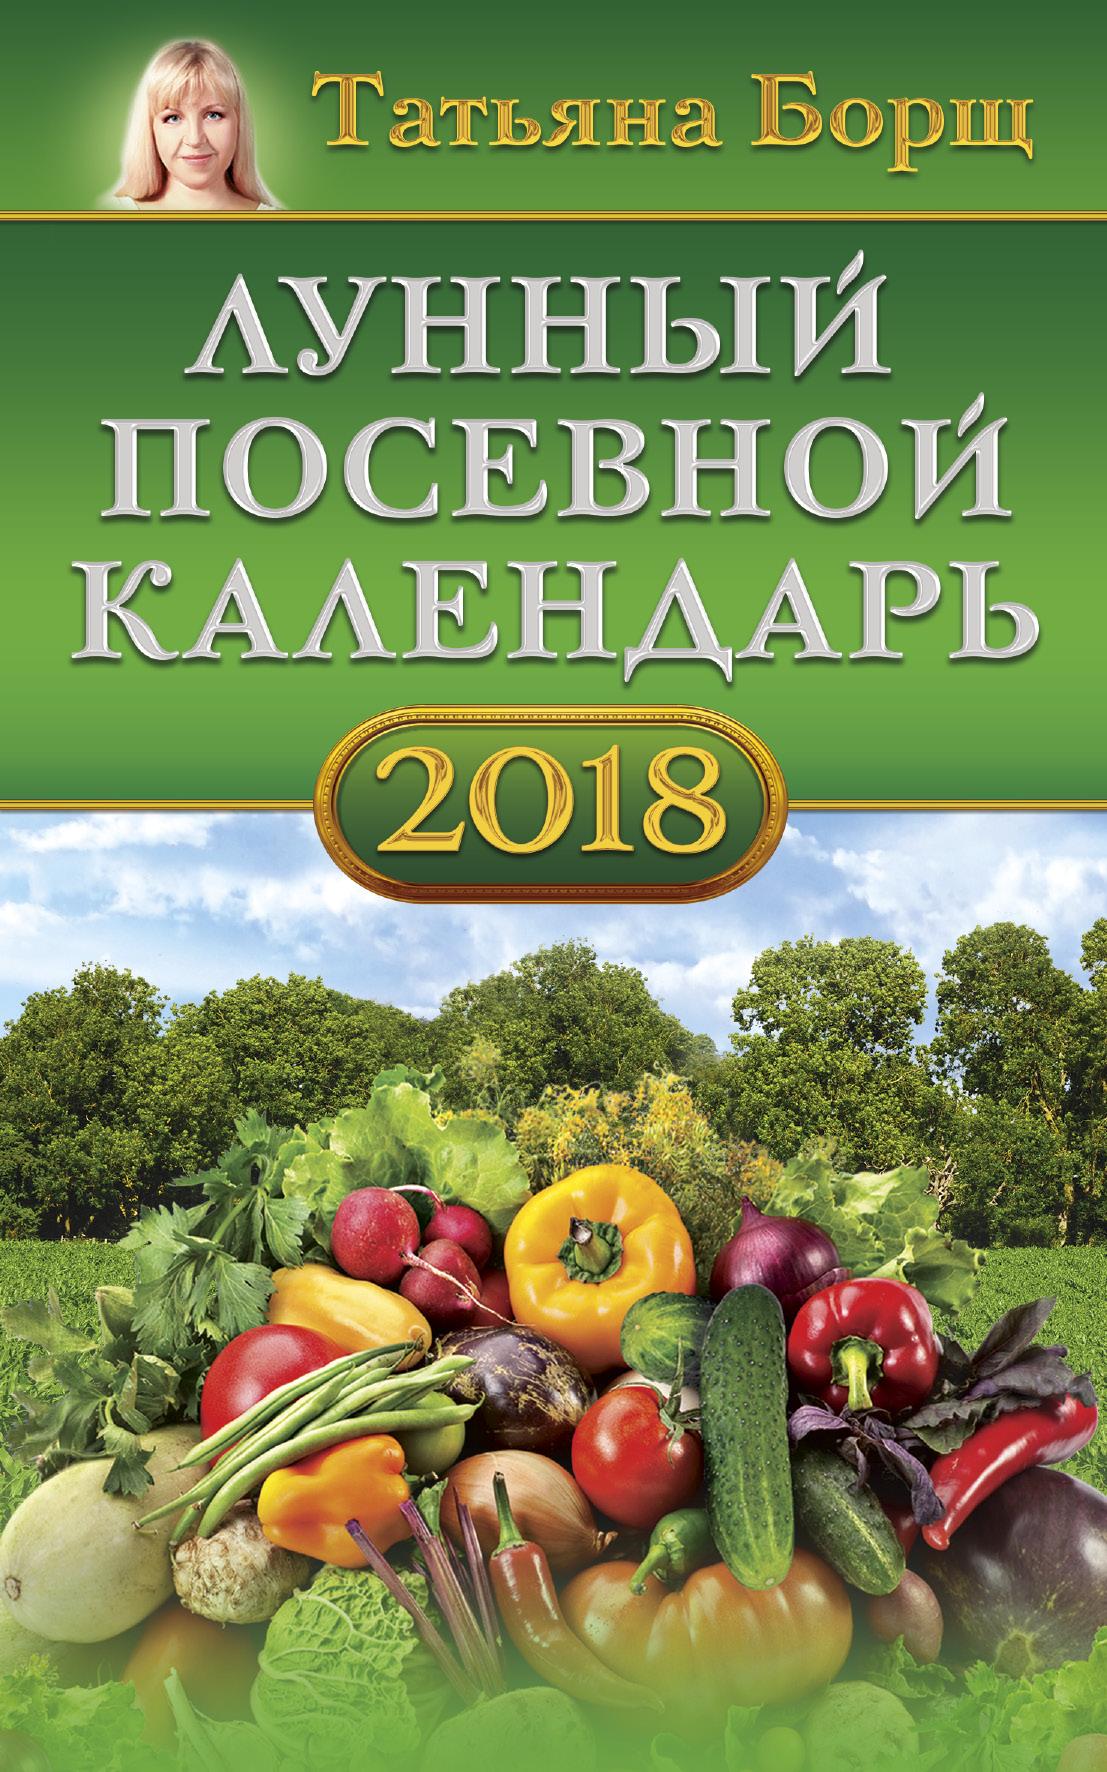 Лунный посевной календарь на 2018 год